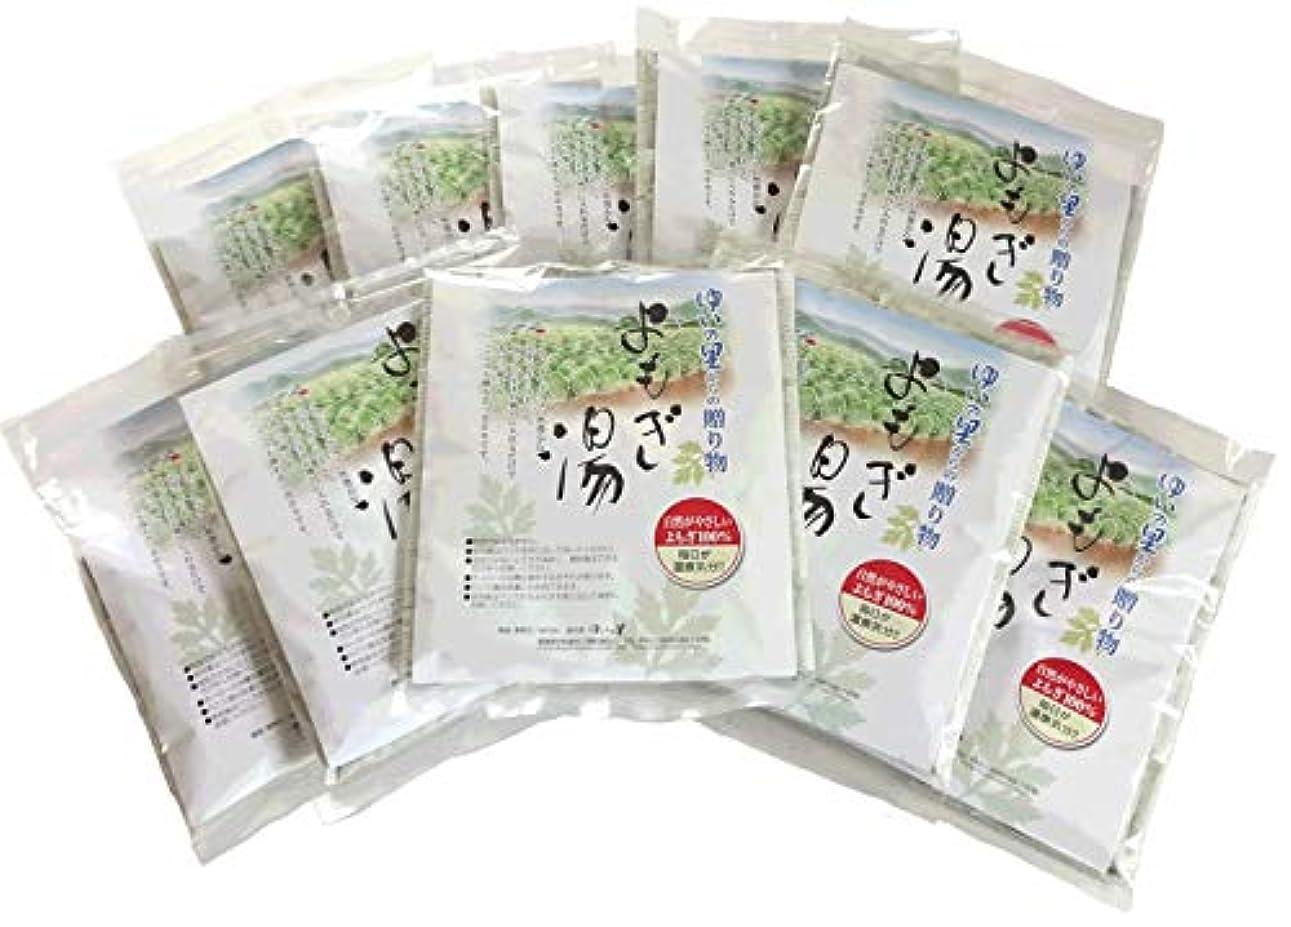 ジャンル幽霊カヌーよもぎ湯入浴パック 10袋セット 愛媛県産 自家栽培よもぎ100%使用